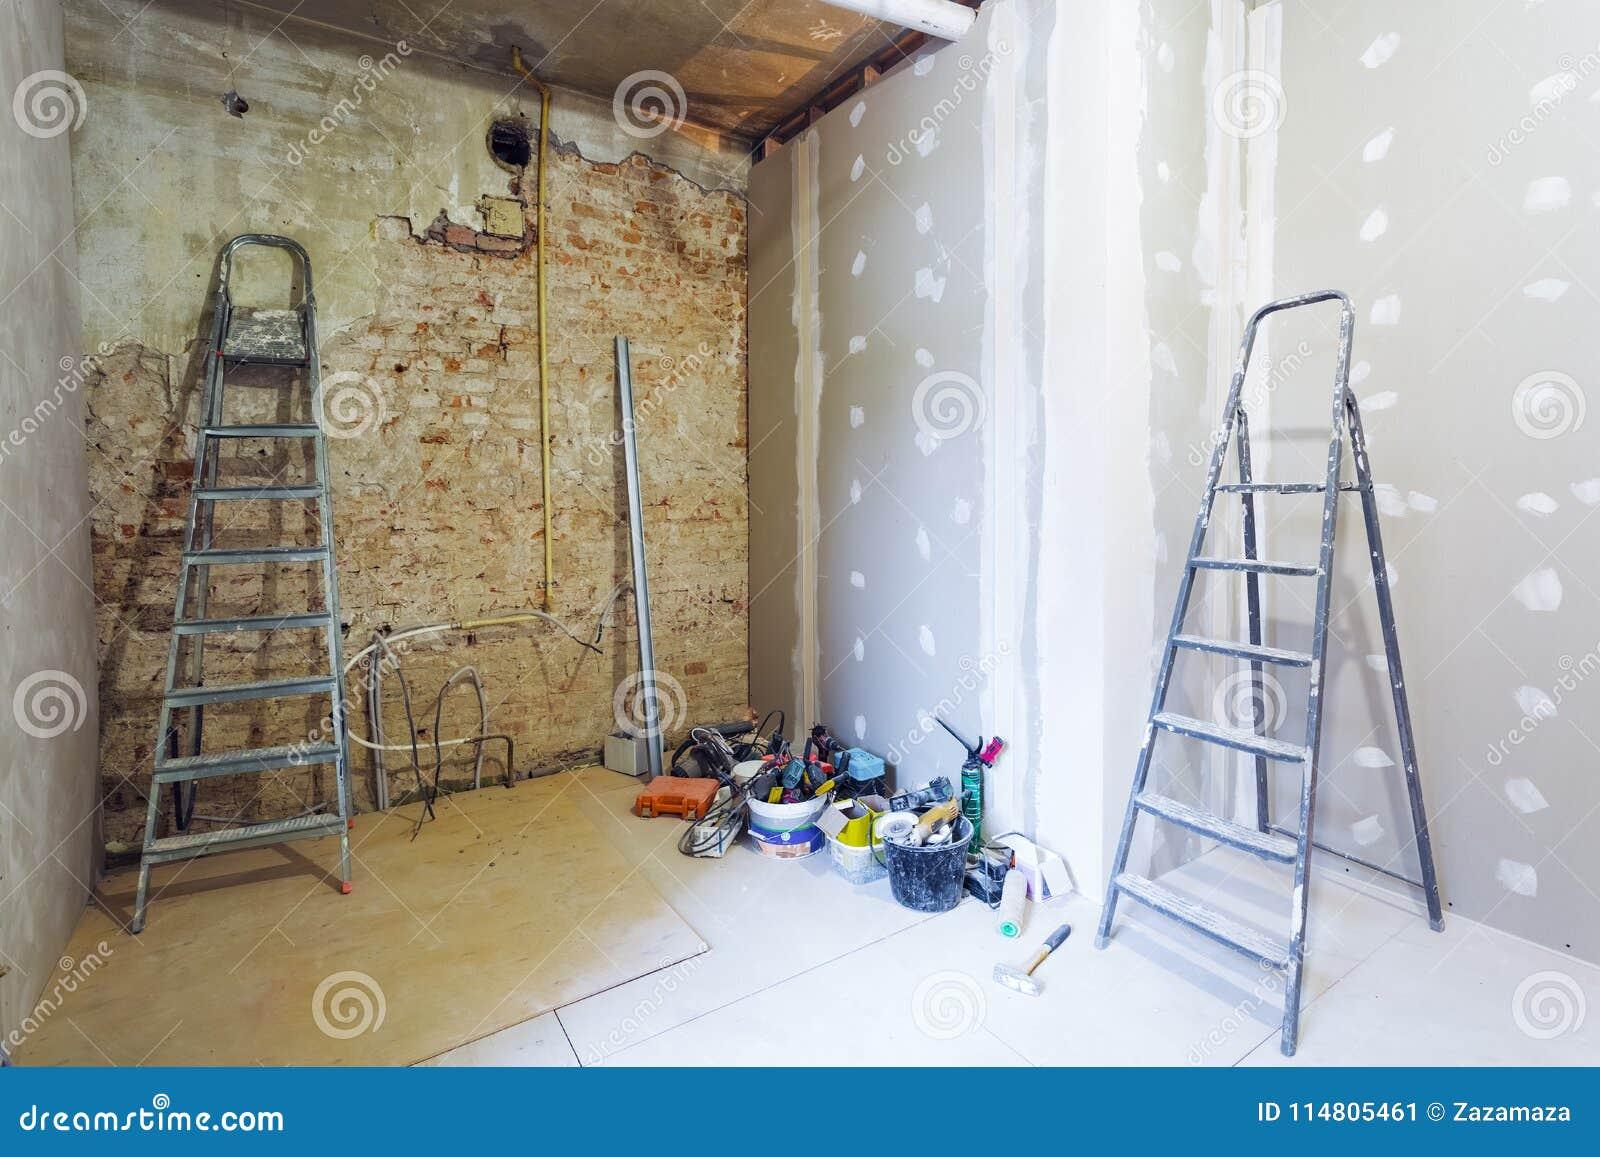 Faire Un Mur De Brique Intérieur l'intérieur de la pièce pendant de installent de la plaque